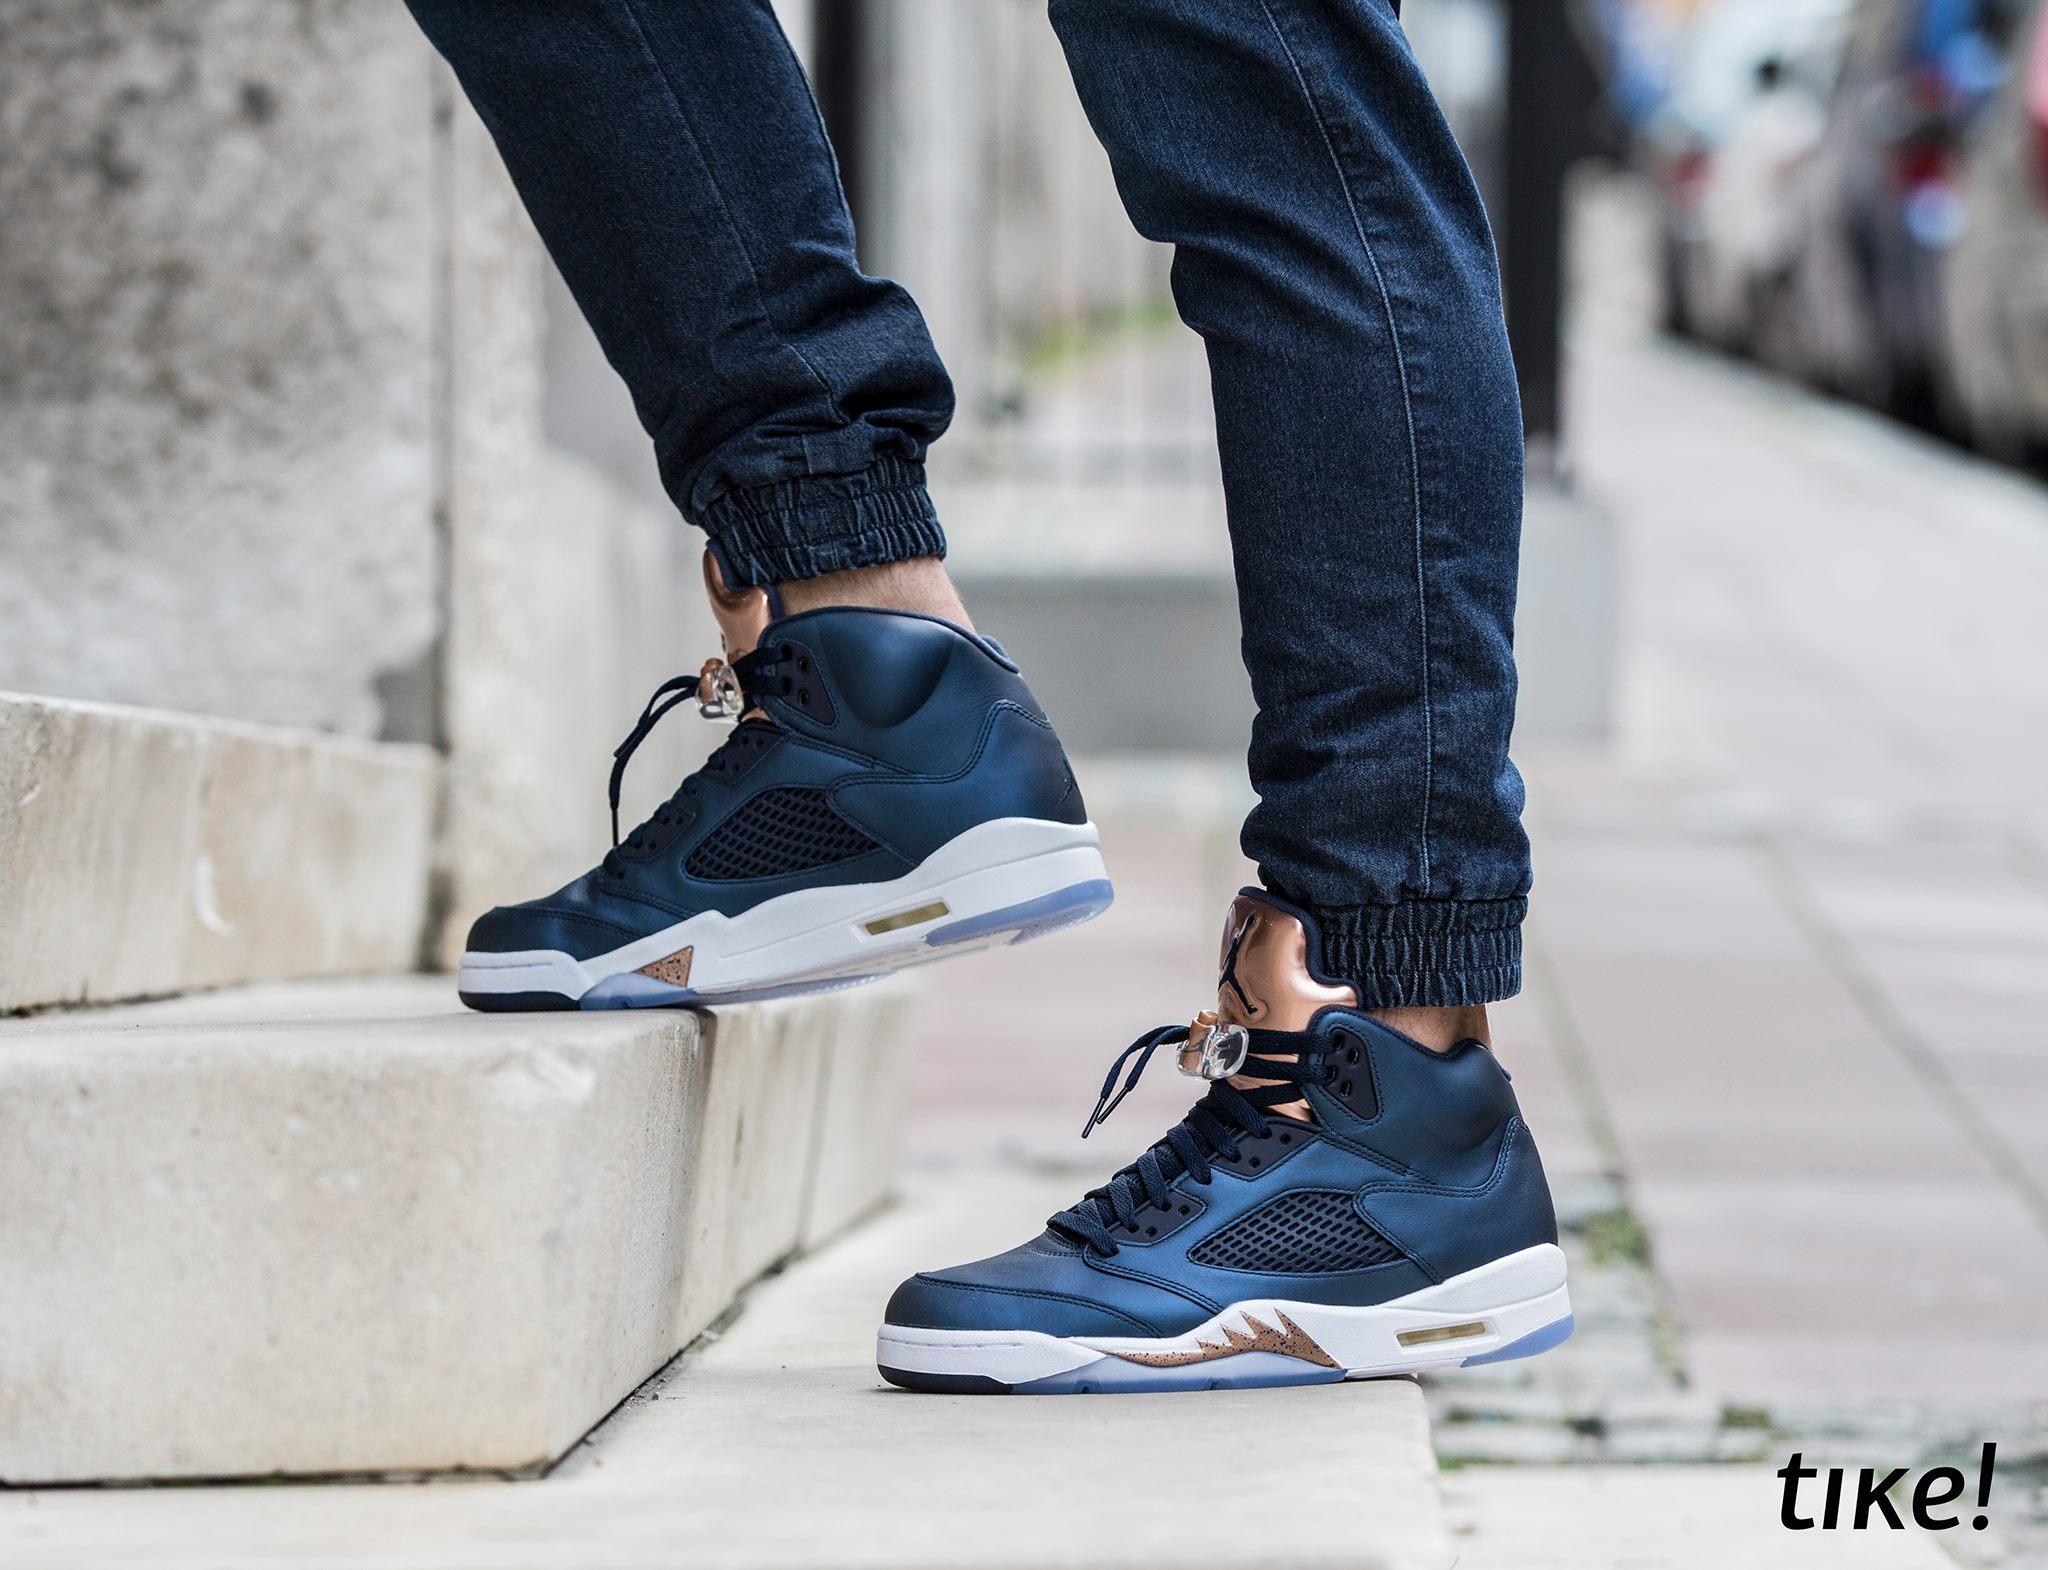 Nike Air Jordan V Retro